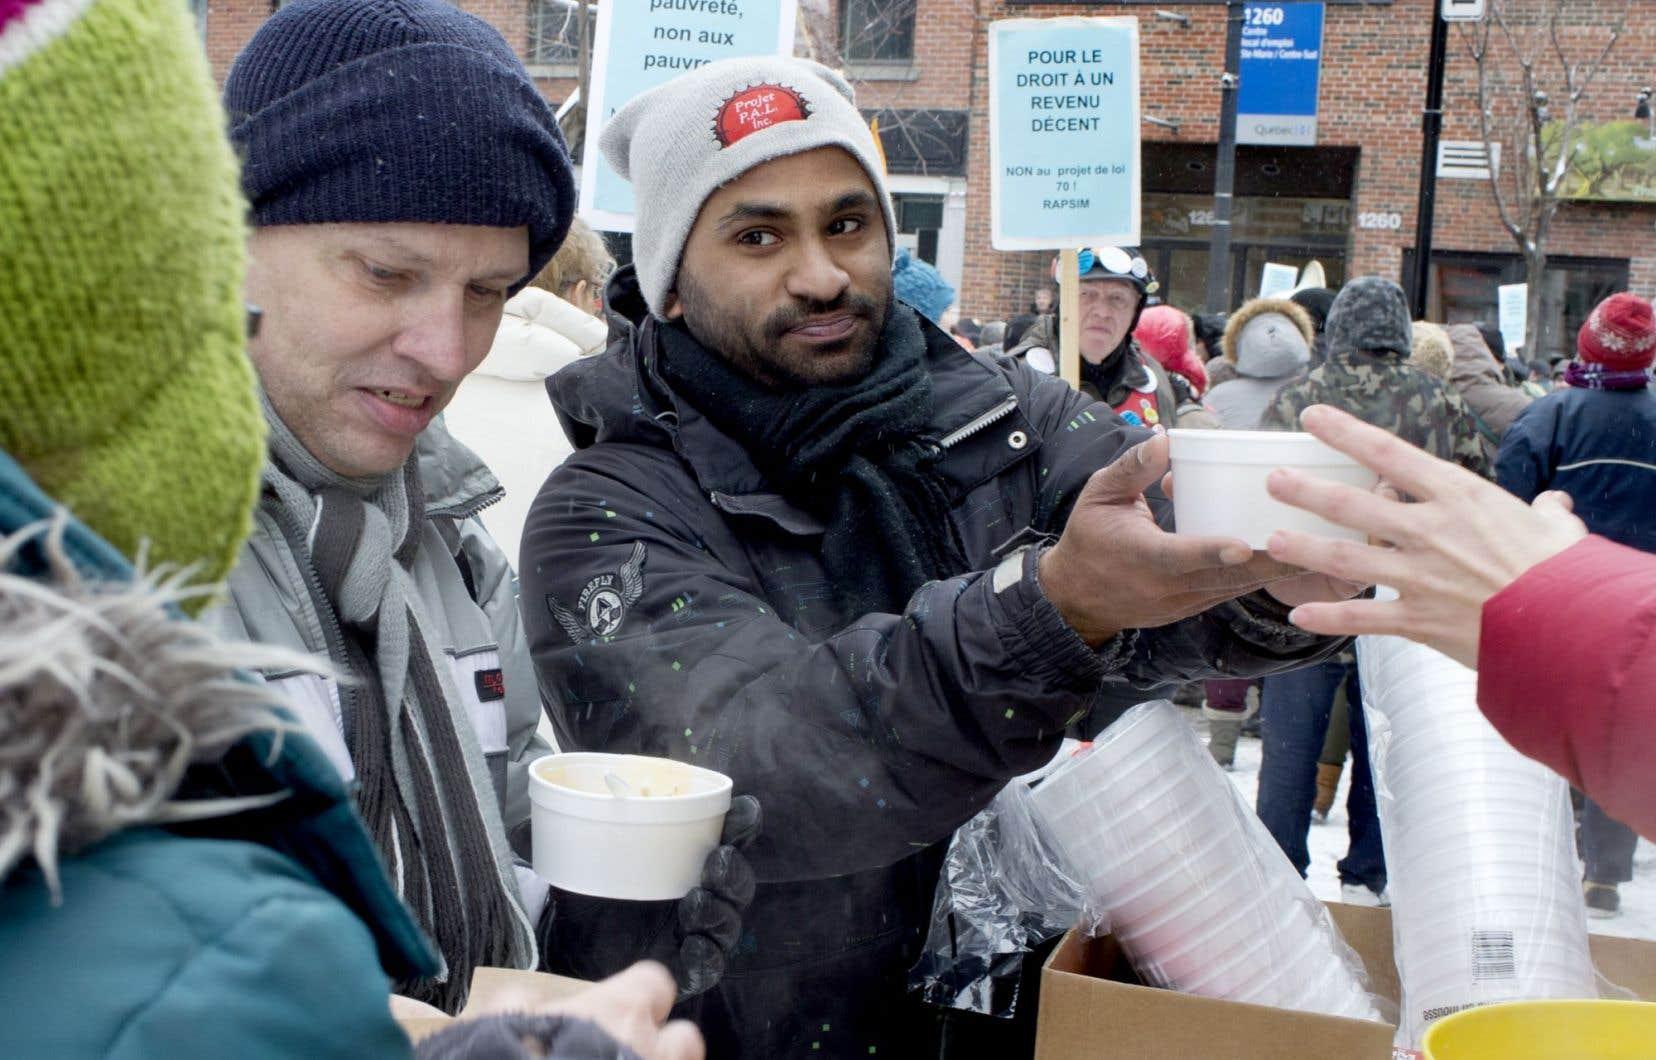 Des dizaines de manifestations ont eu lieu mercredi au Québec pour dénoncer les mesures du projet de loi 70.